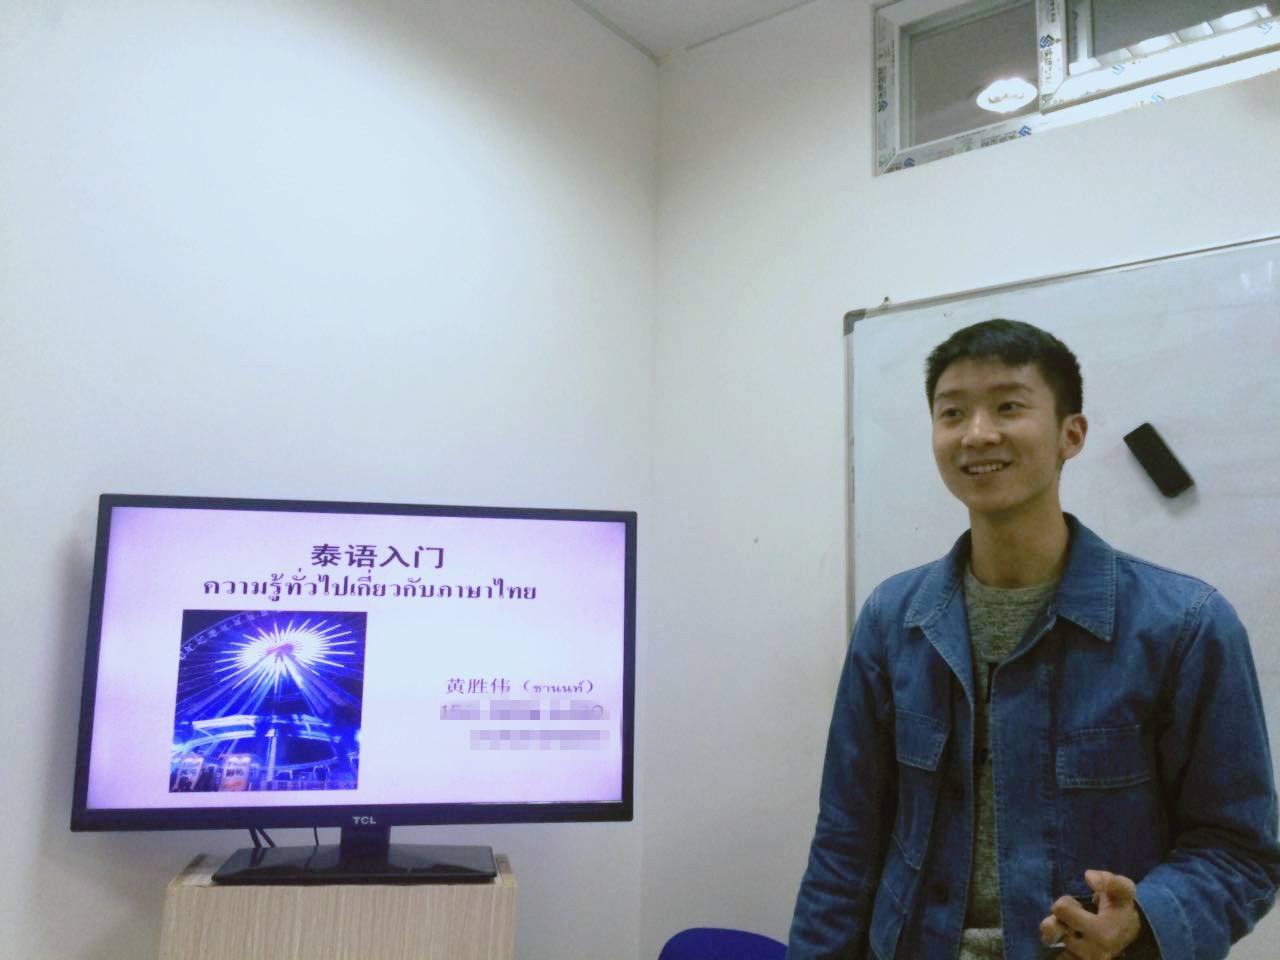 昆明泰语口语学习